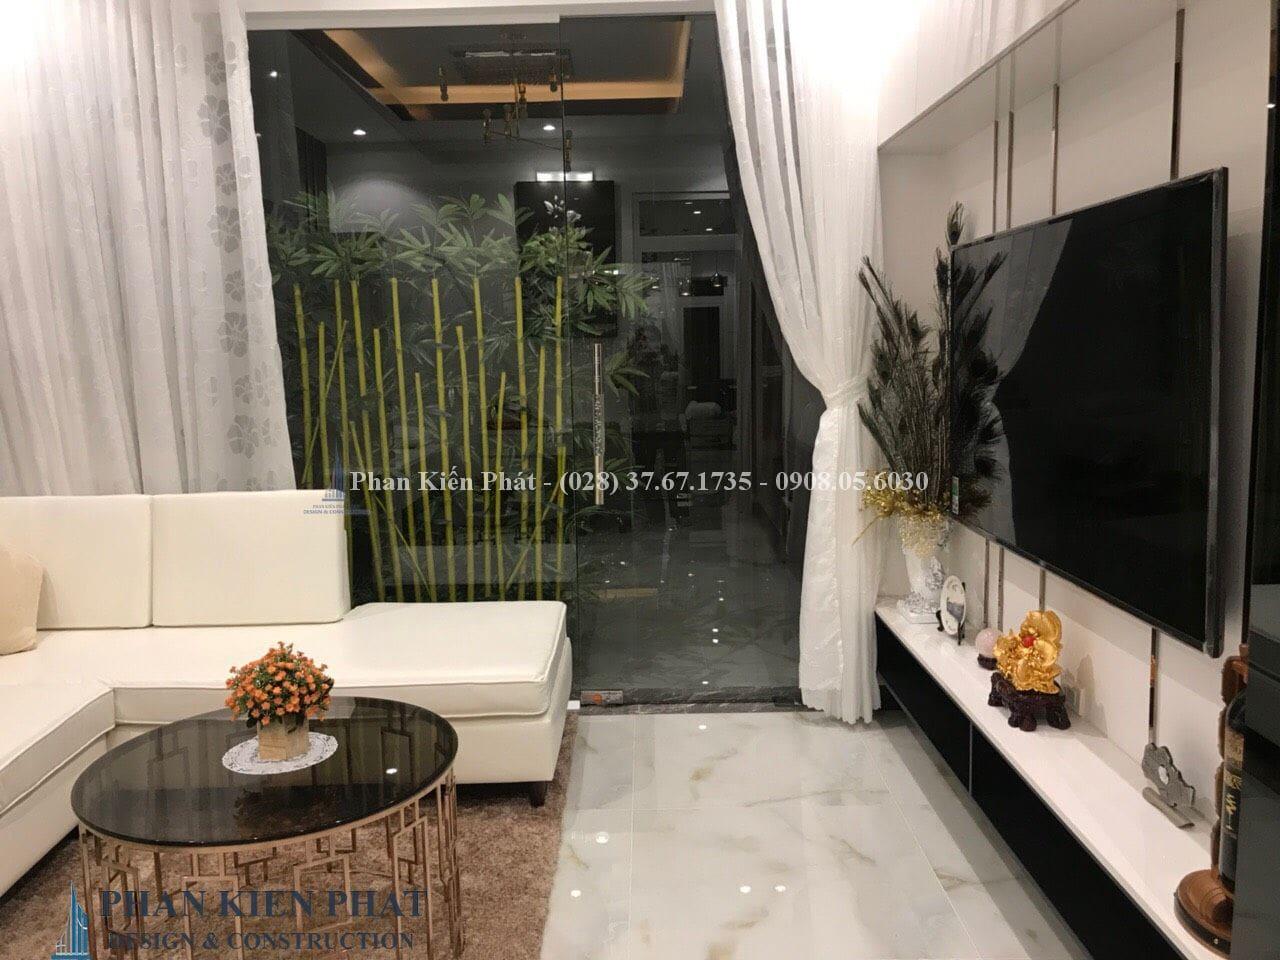 Hoan Thanh Cong Tac Hoan Thien Noi That Phong Cho Kham Benh View 1-công trình thi công hoàn thiện nhà phố 5 tầng